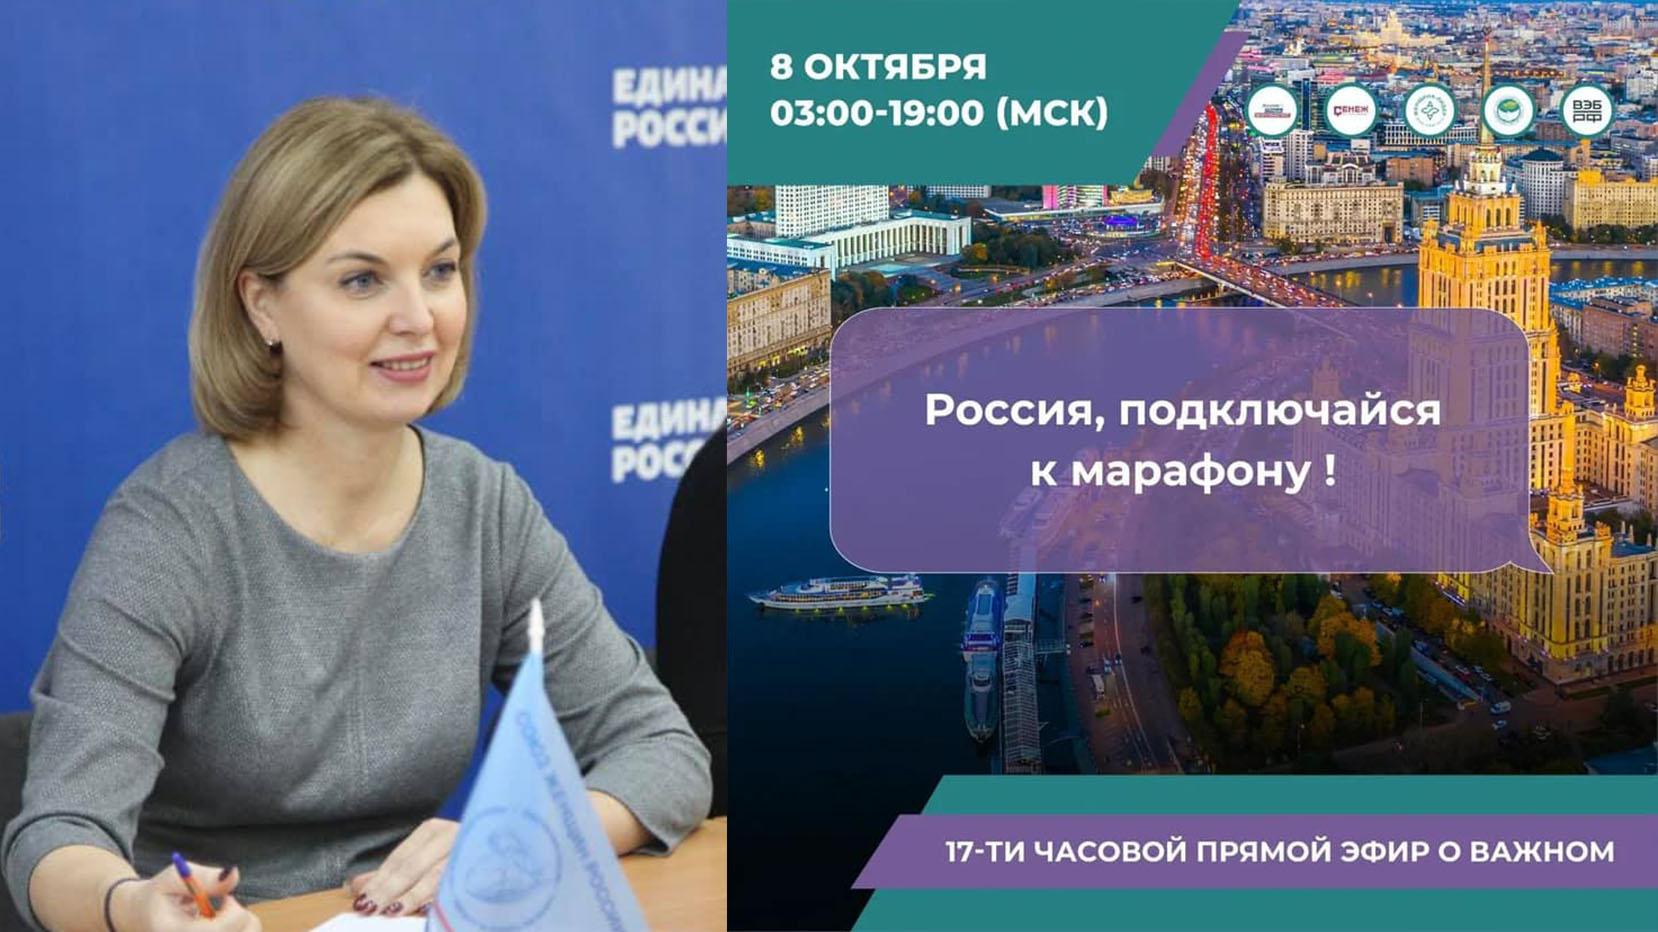 Ярославская область принимает участие в большом Марафоне «От Камчатки до Калининграда» - трансляция, которую советуем посмотреть!